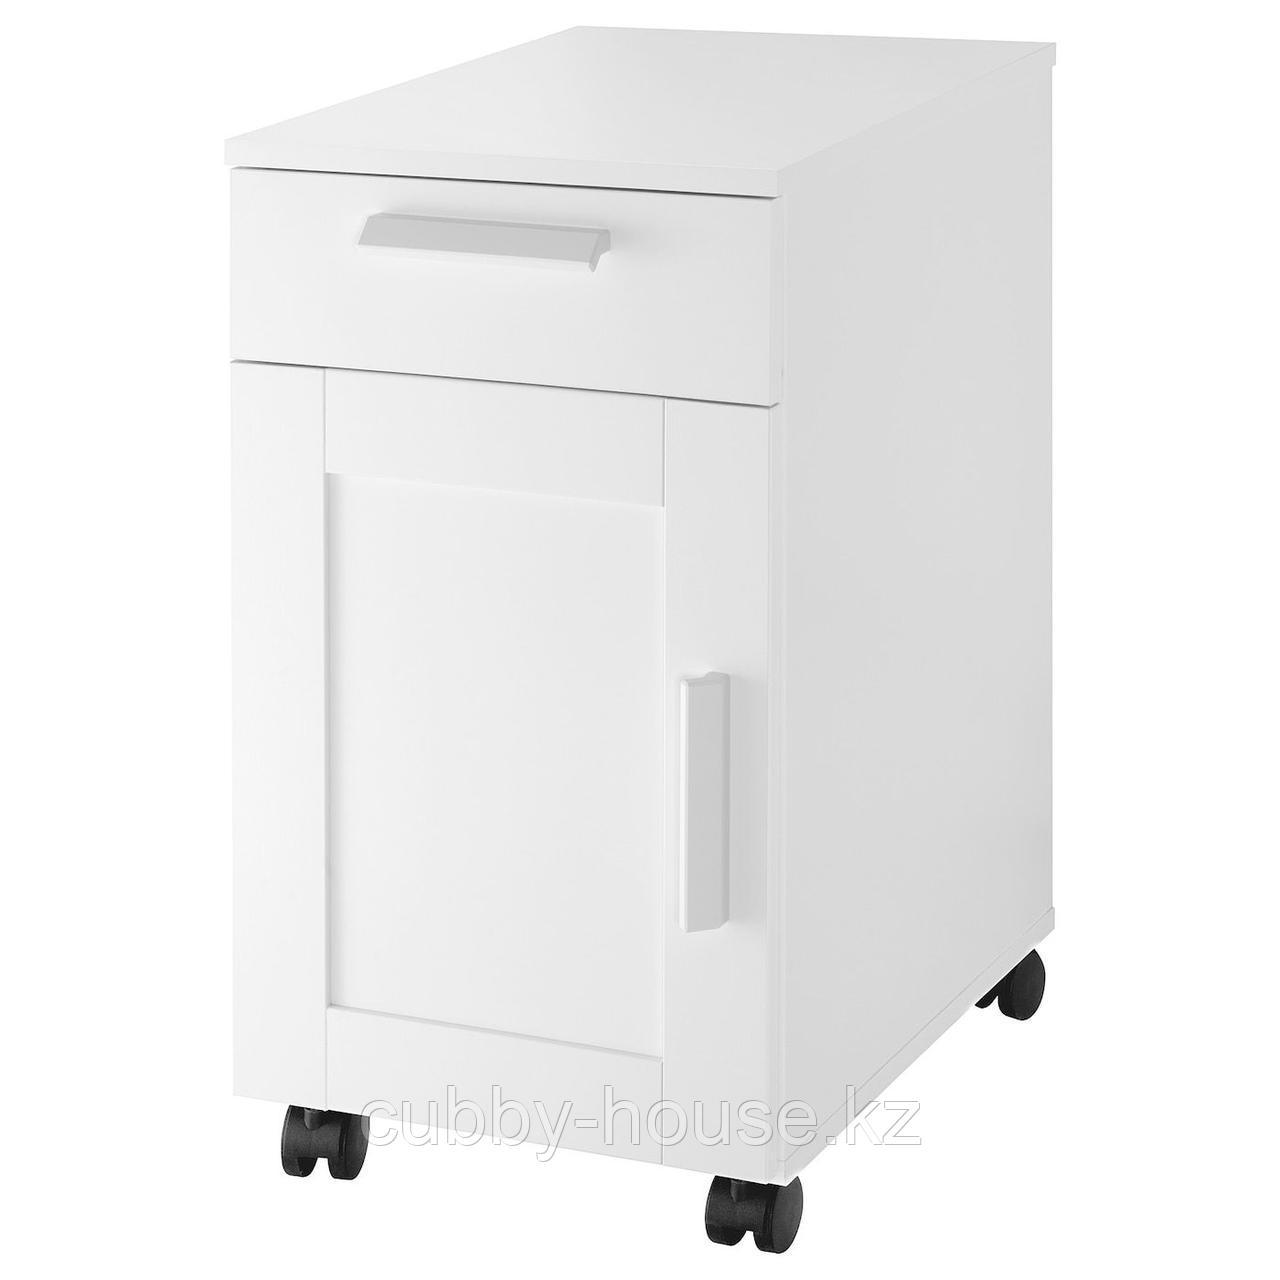 БРИМНЭС Тумба с ящиками на колесах, (белый, черный), 35x68 см